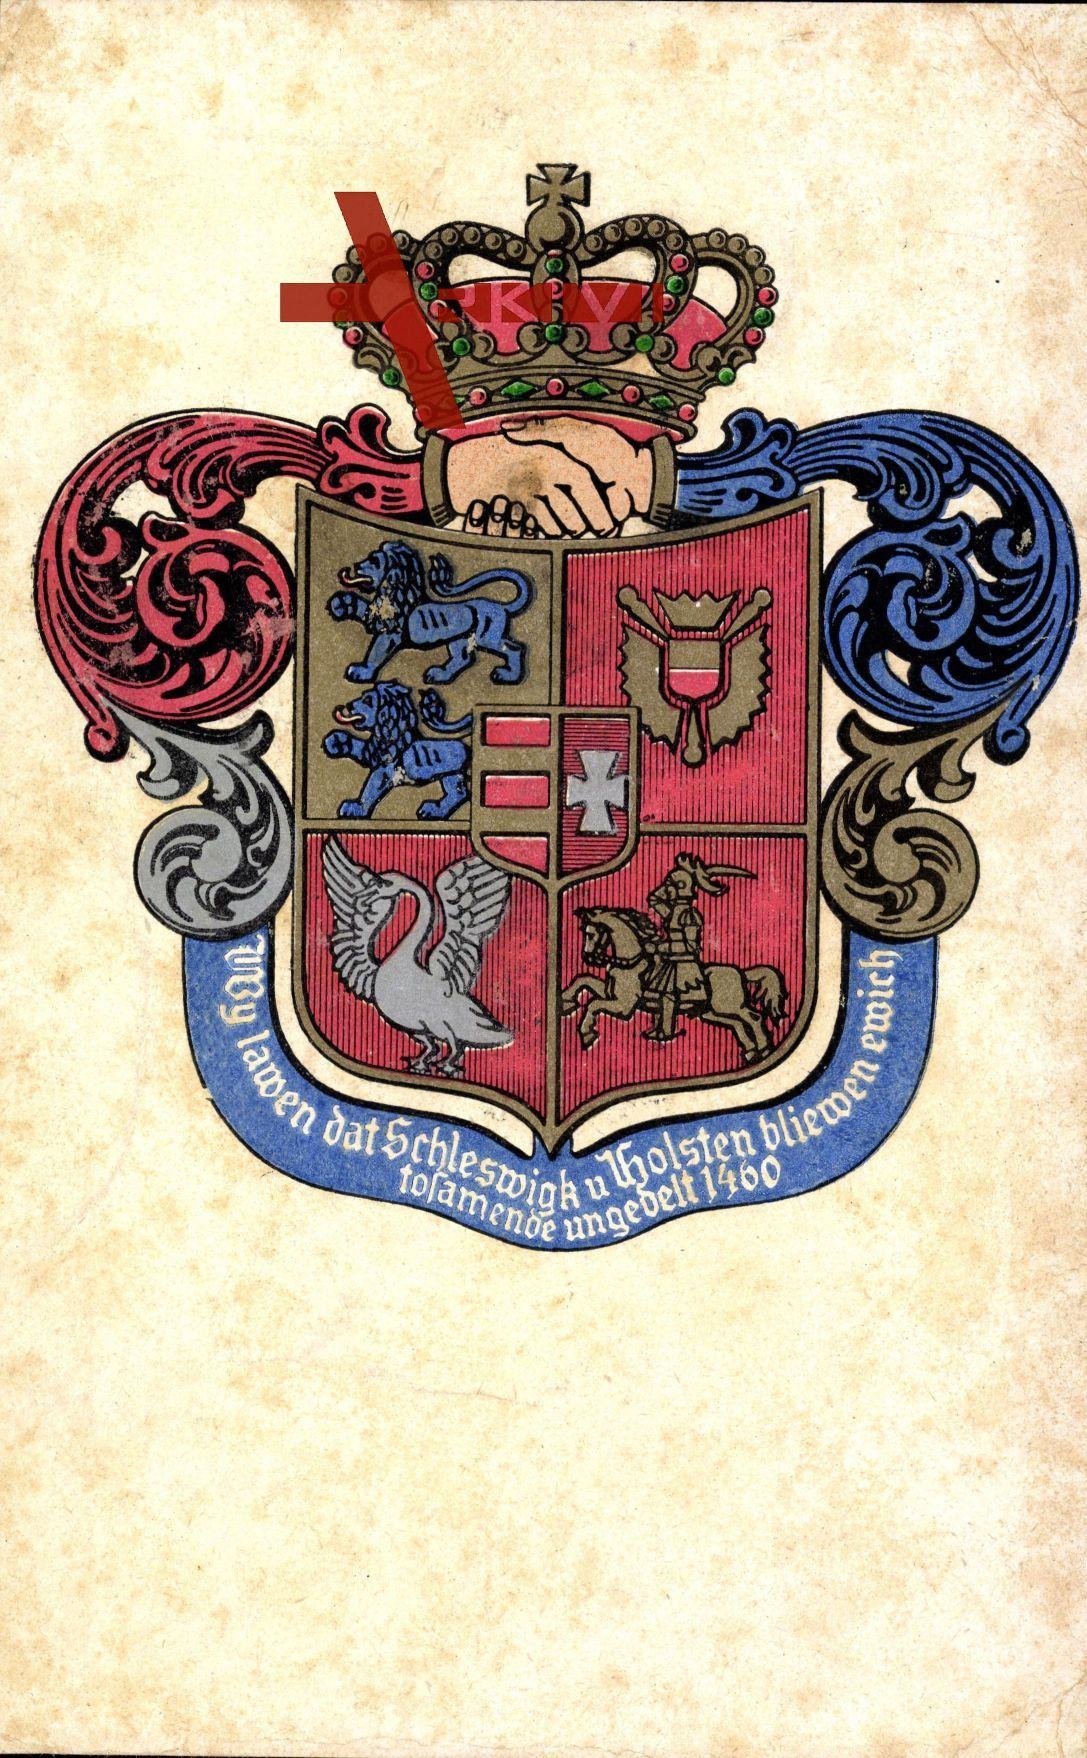 Wappen Schleswig Holstein 1460 Handeschutteln Krone Xl